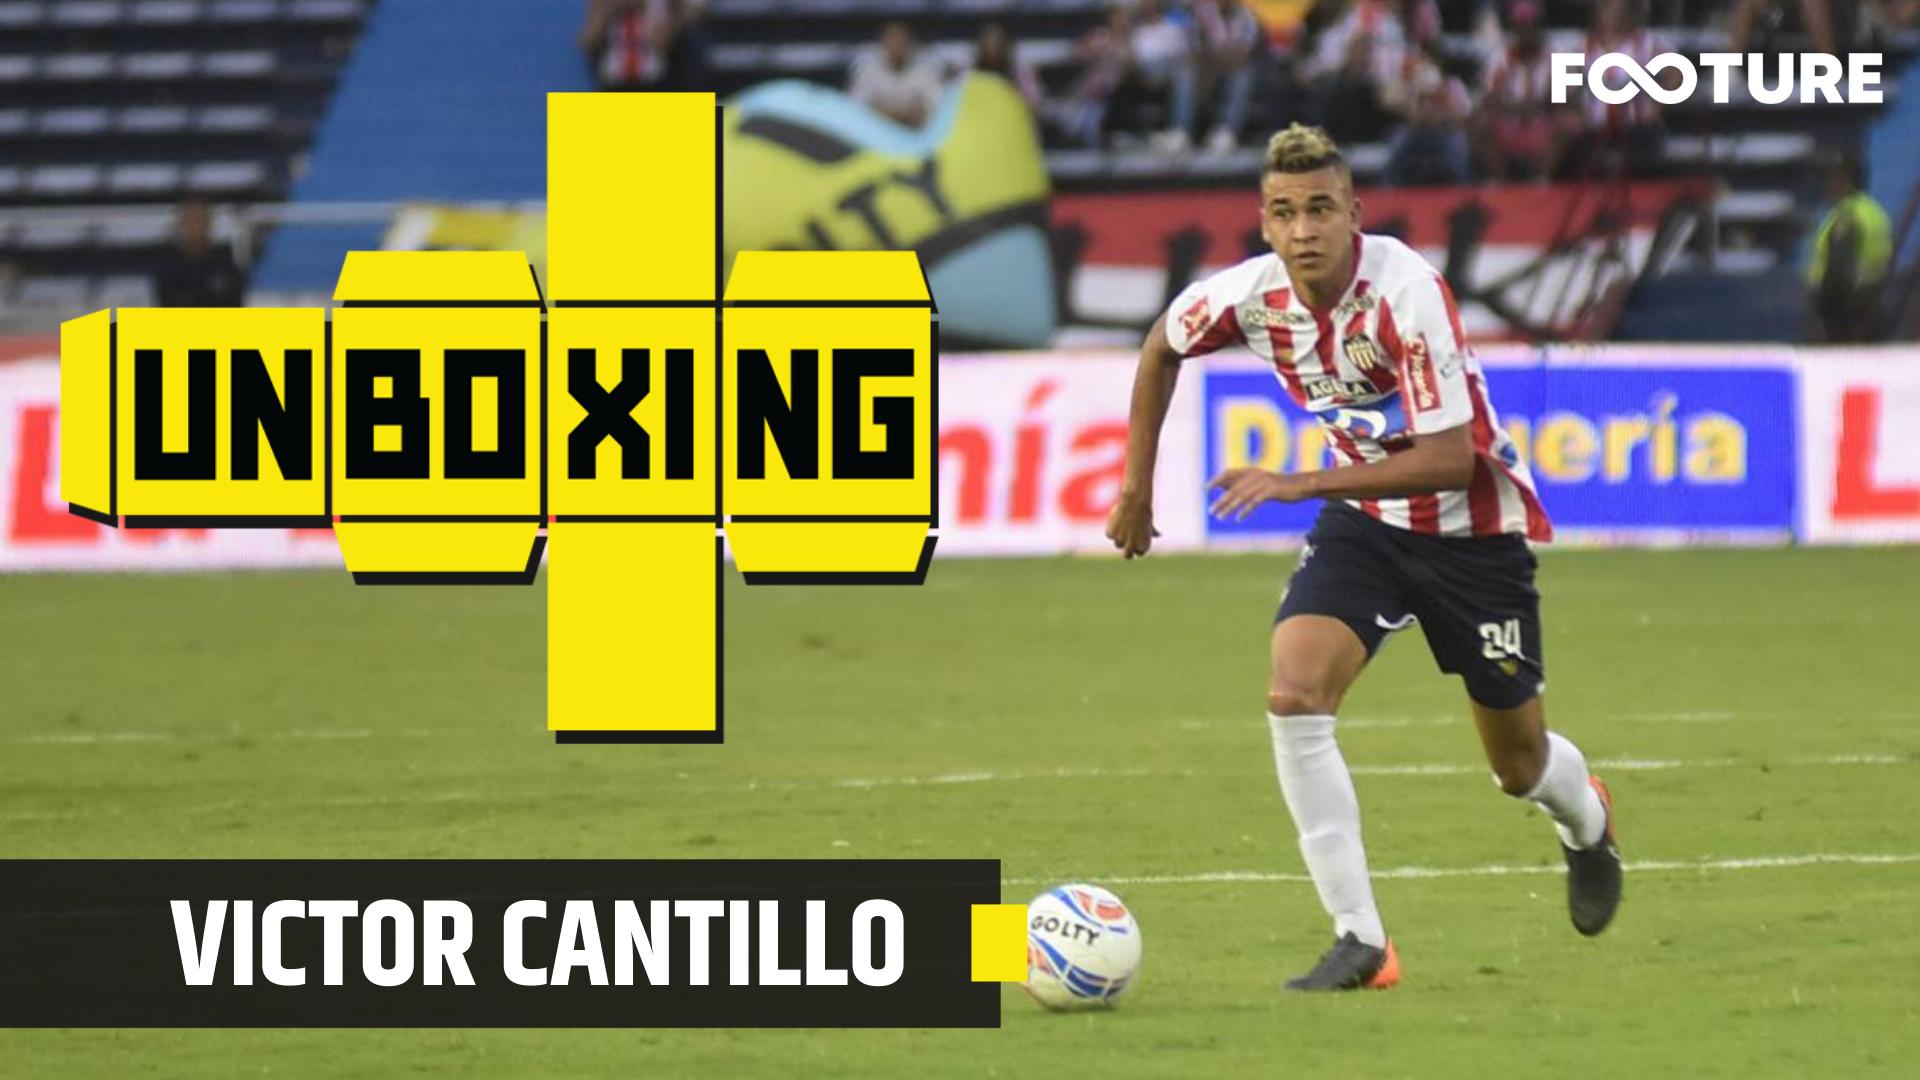 Unboxing #21 – Como joga Víctor Cantillo